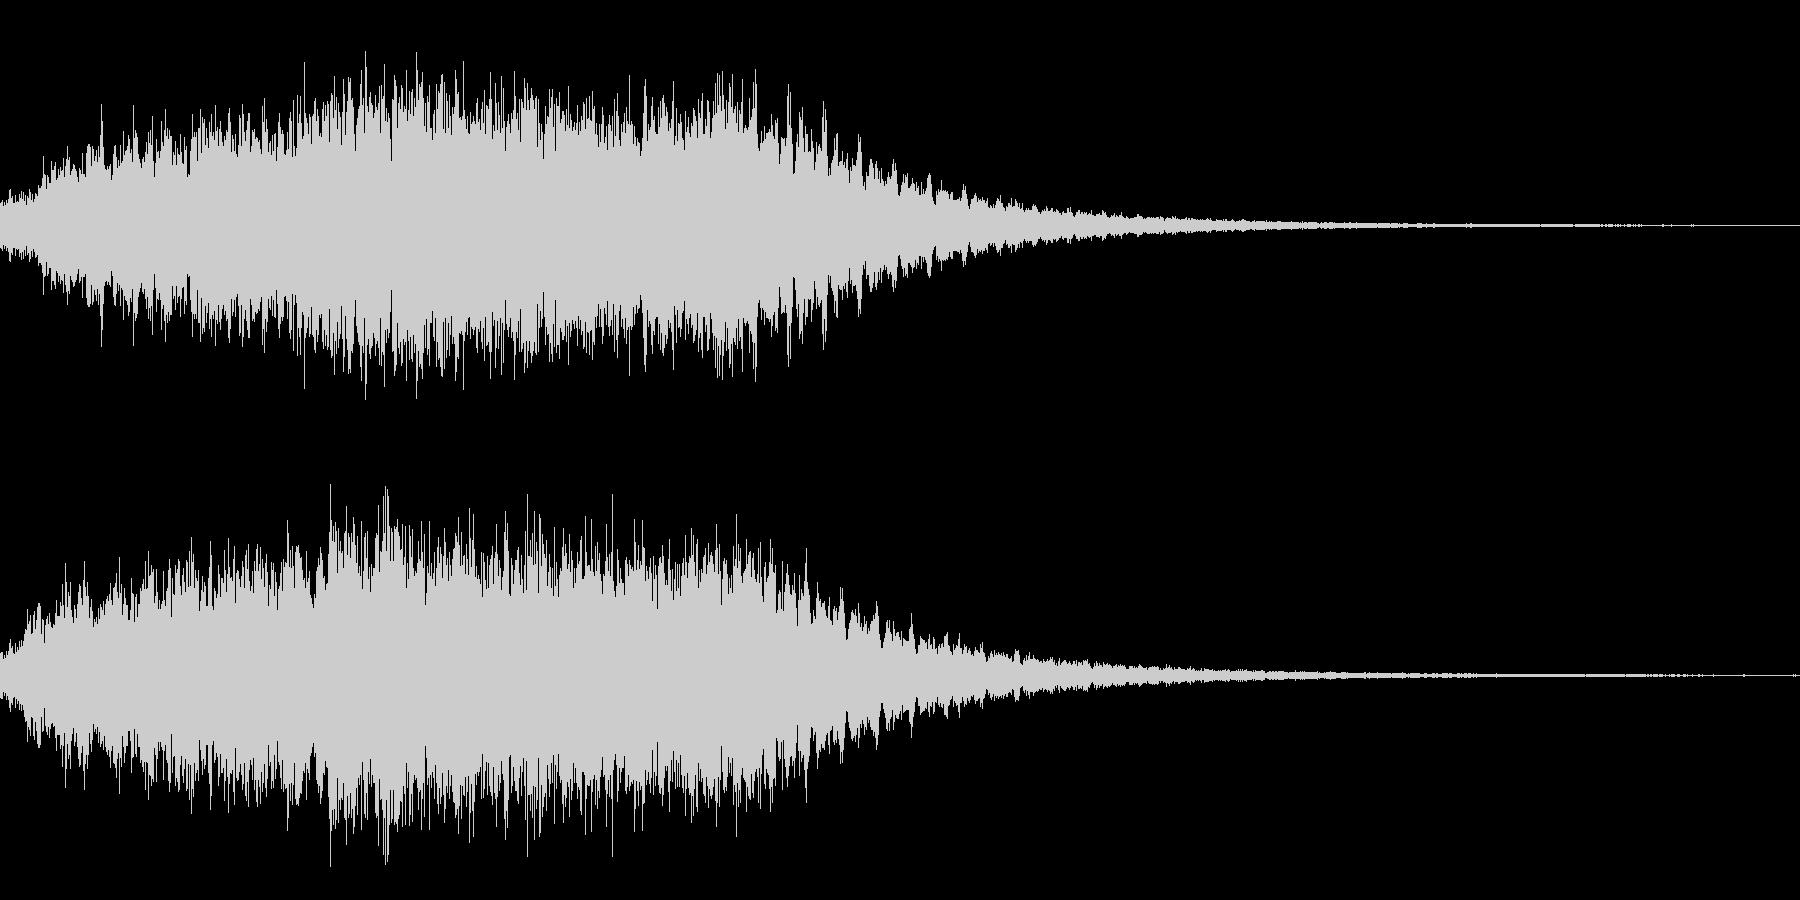 ダークファンタジーサウンドの未再生の波形